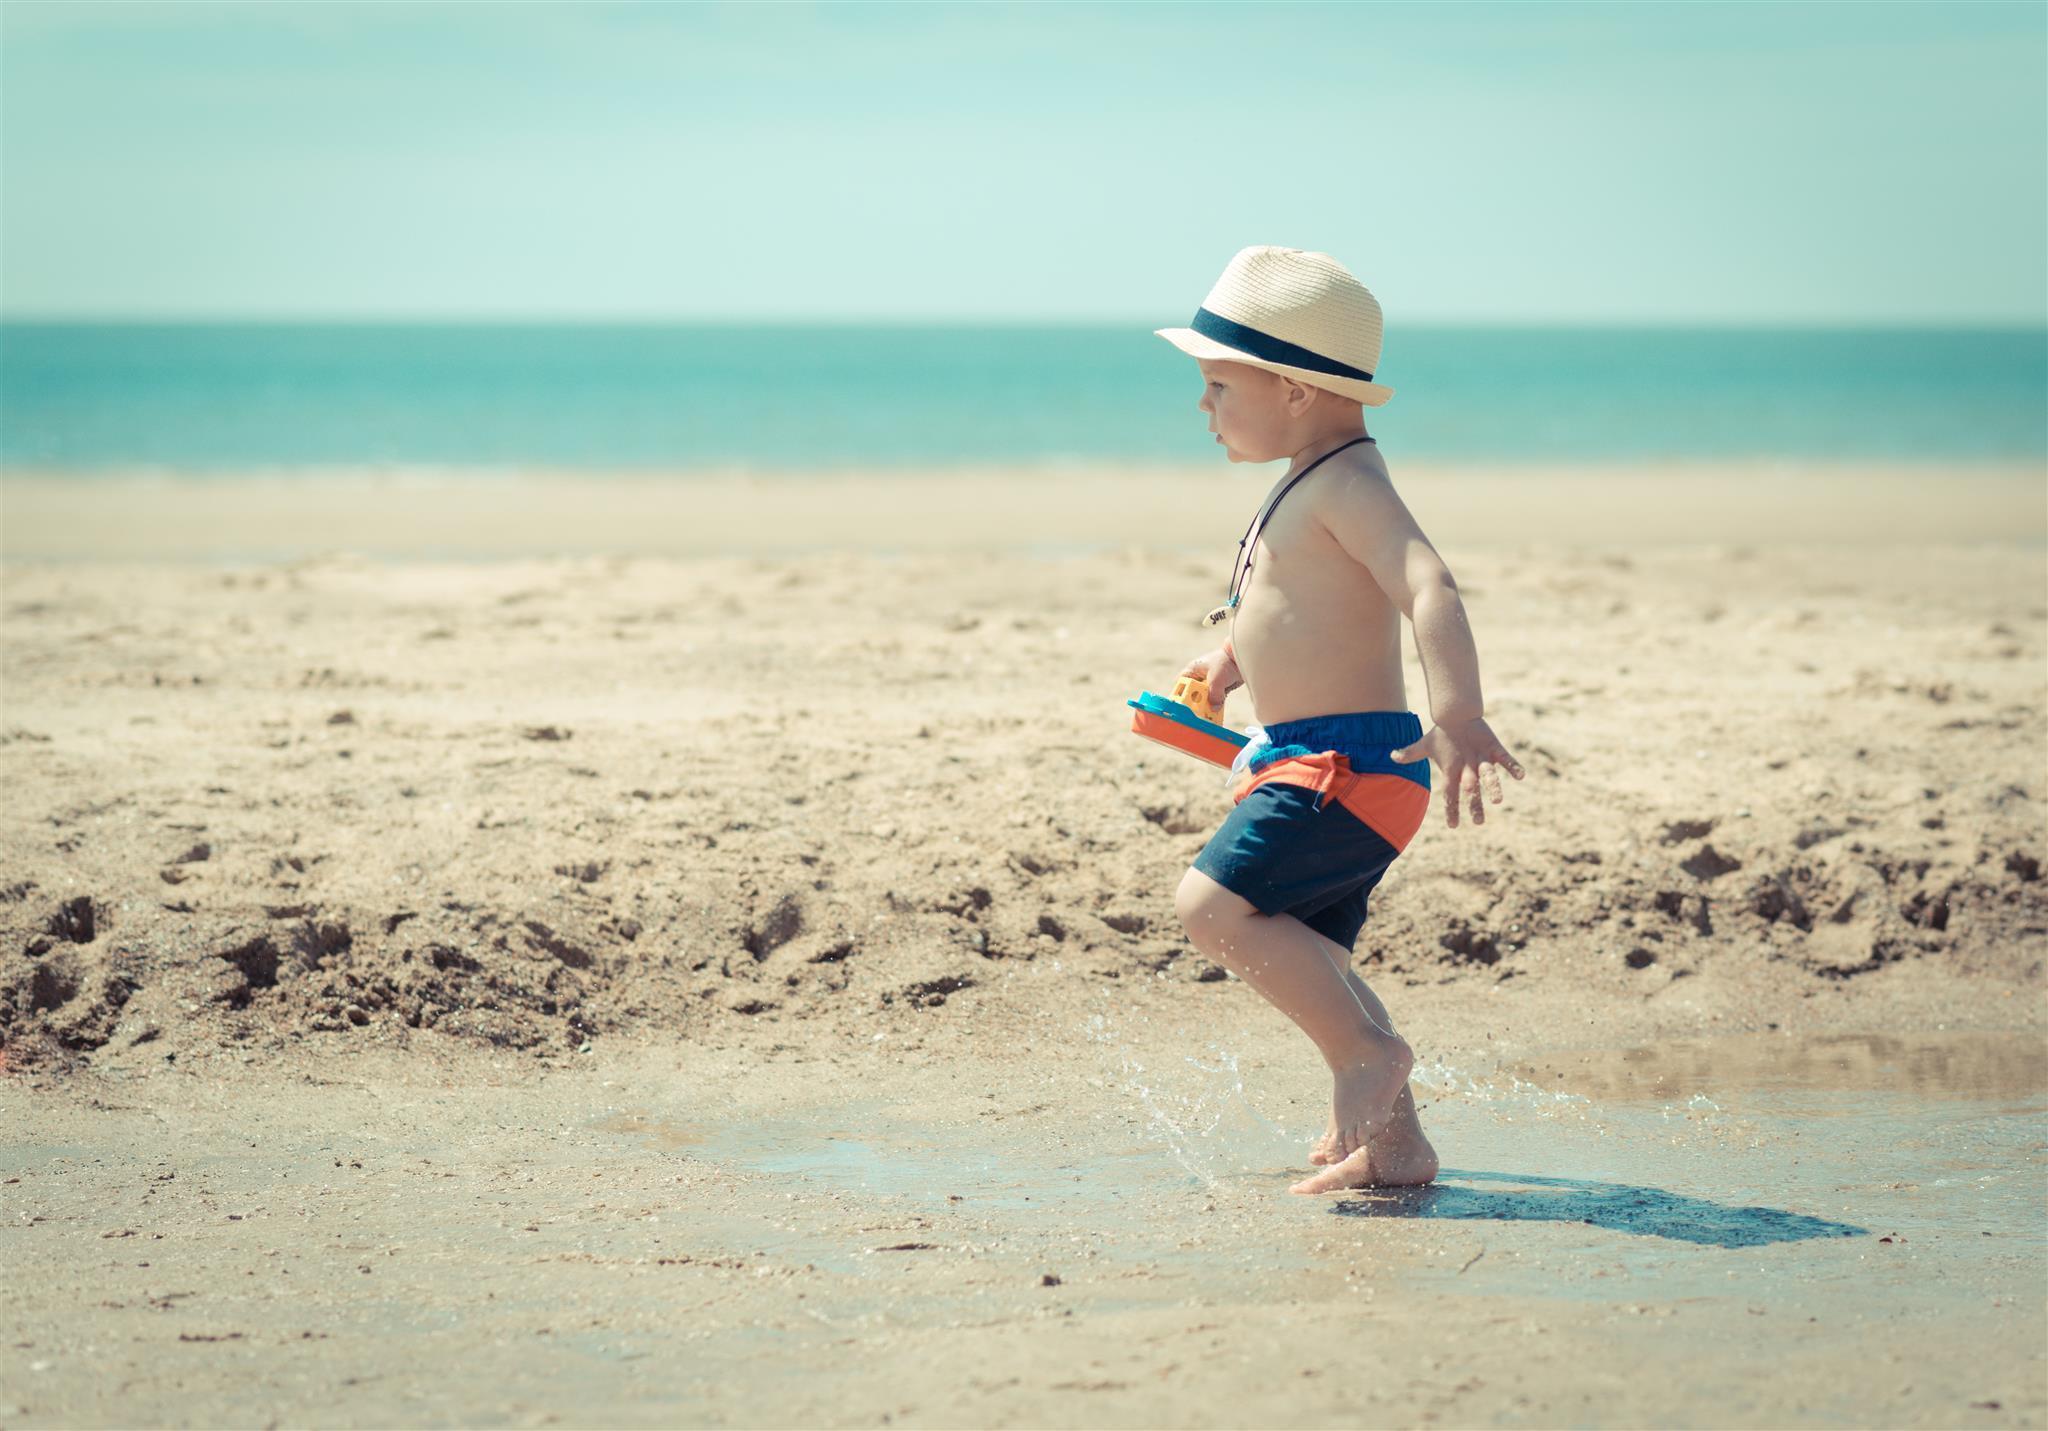 Junge spielt am Strand (Symbolbild)